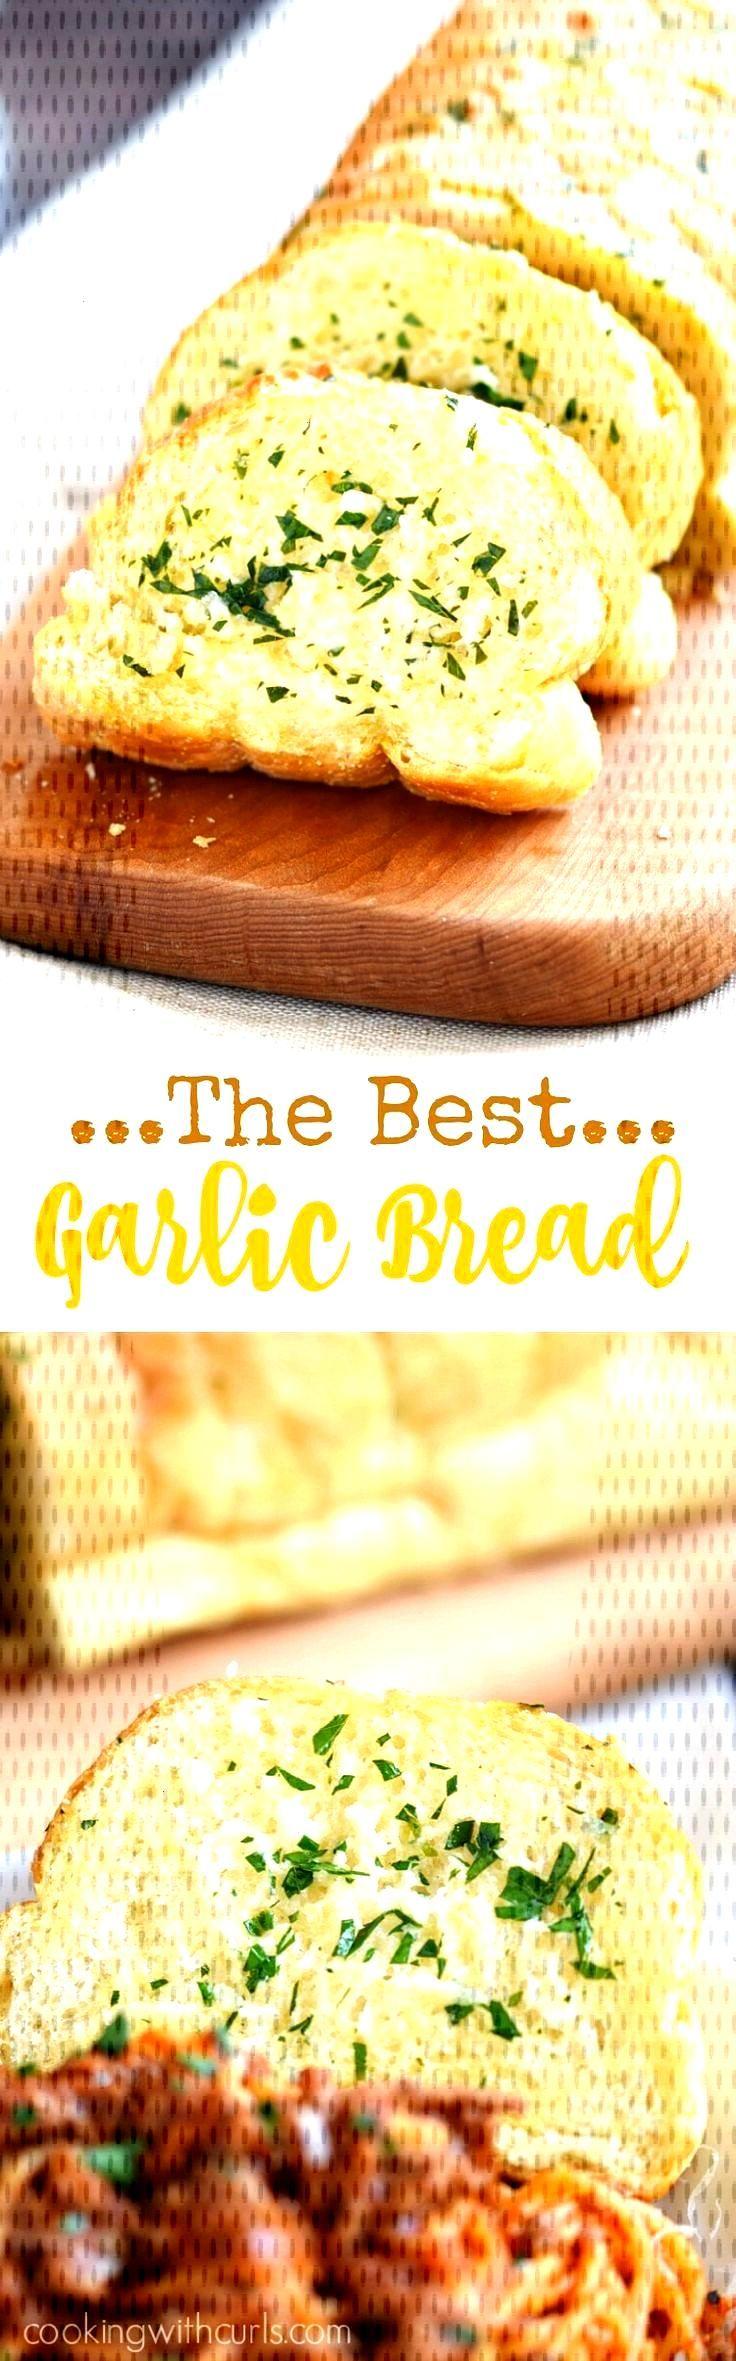 The Best Garlic Bread -